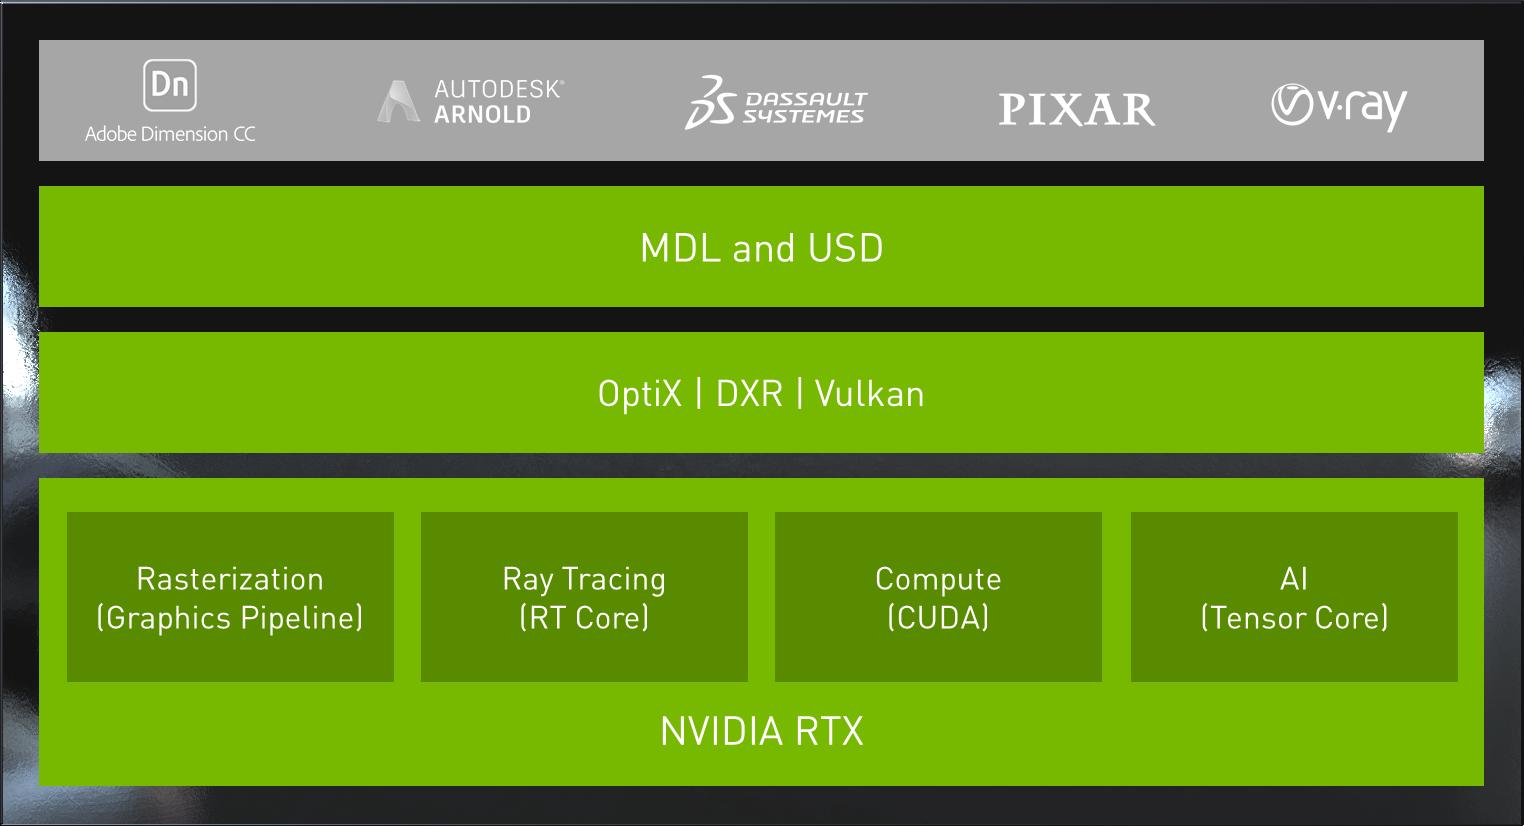 NVIDIA RTX Architecture for Design | NVIDIA Design